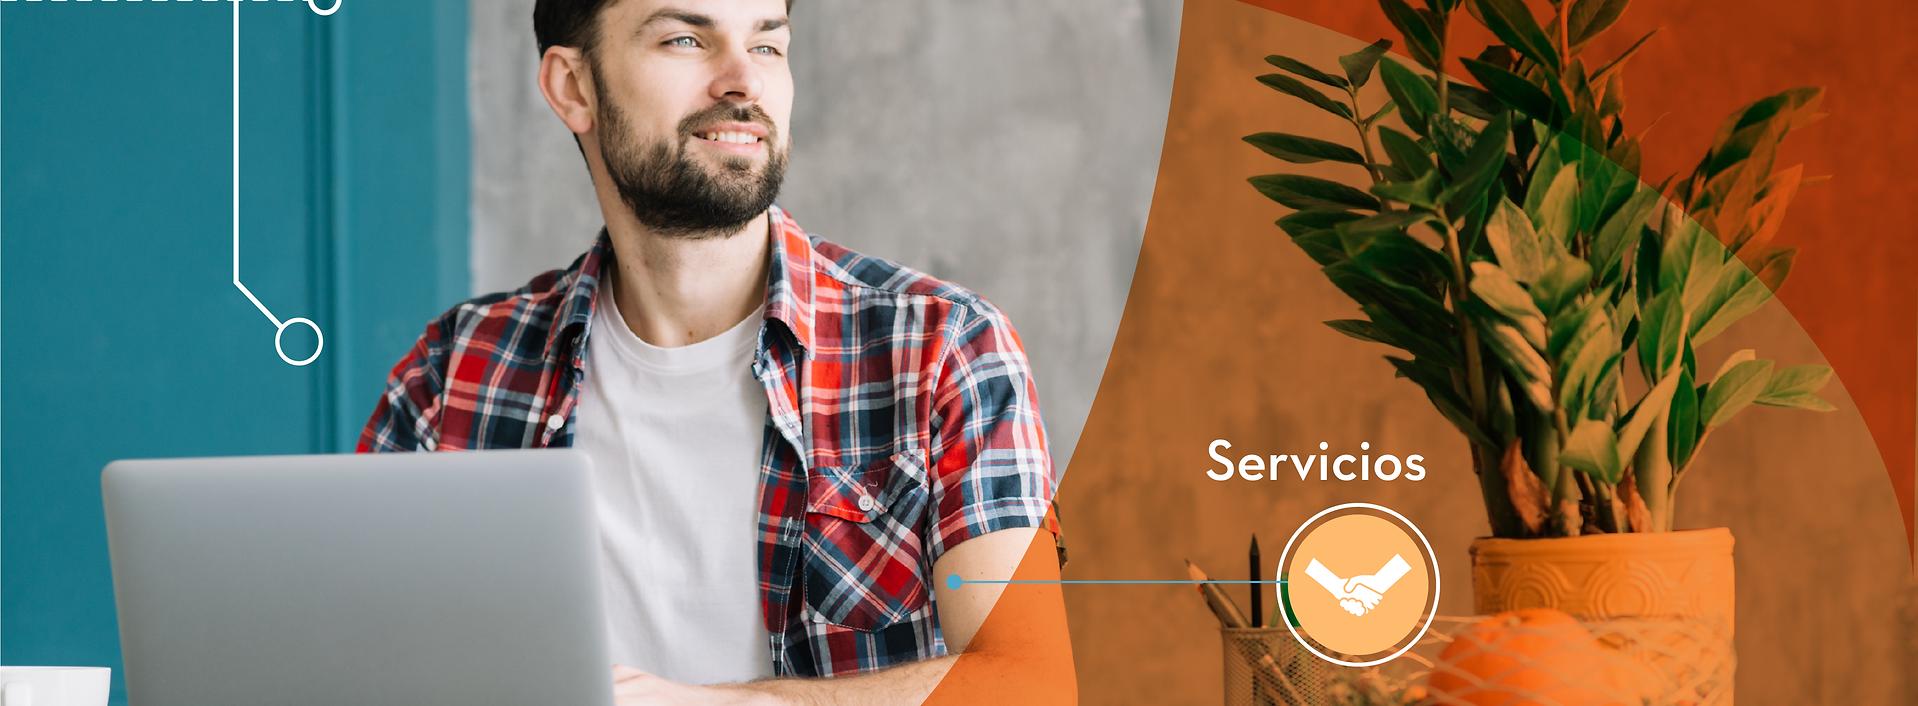 web banner_servicio.png